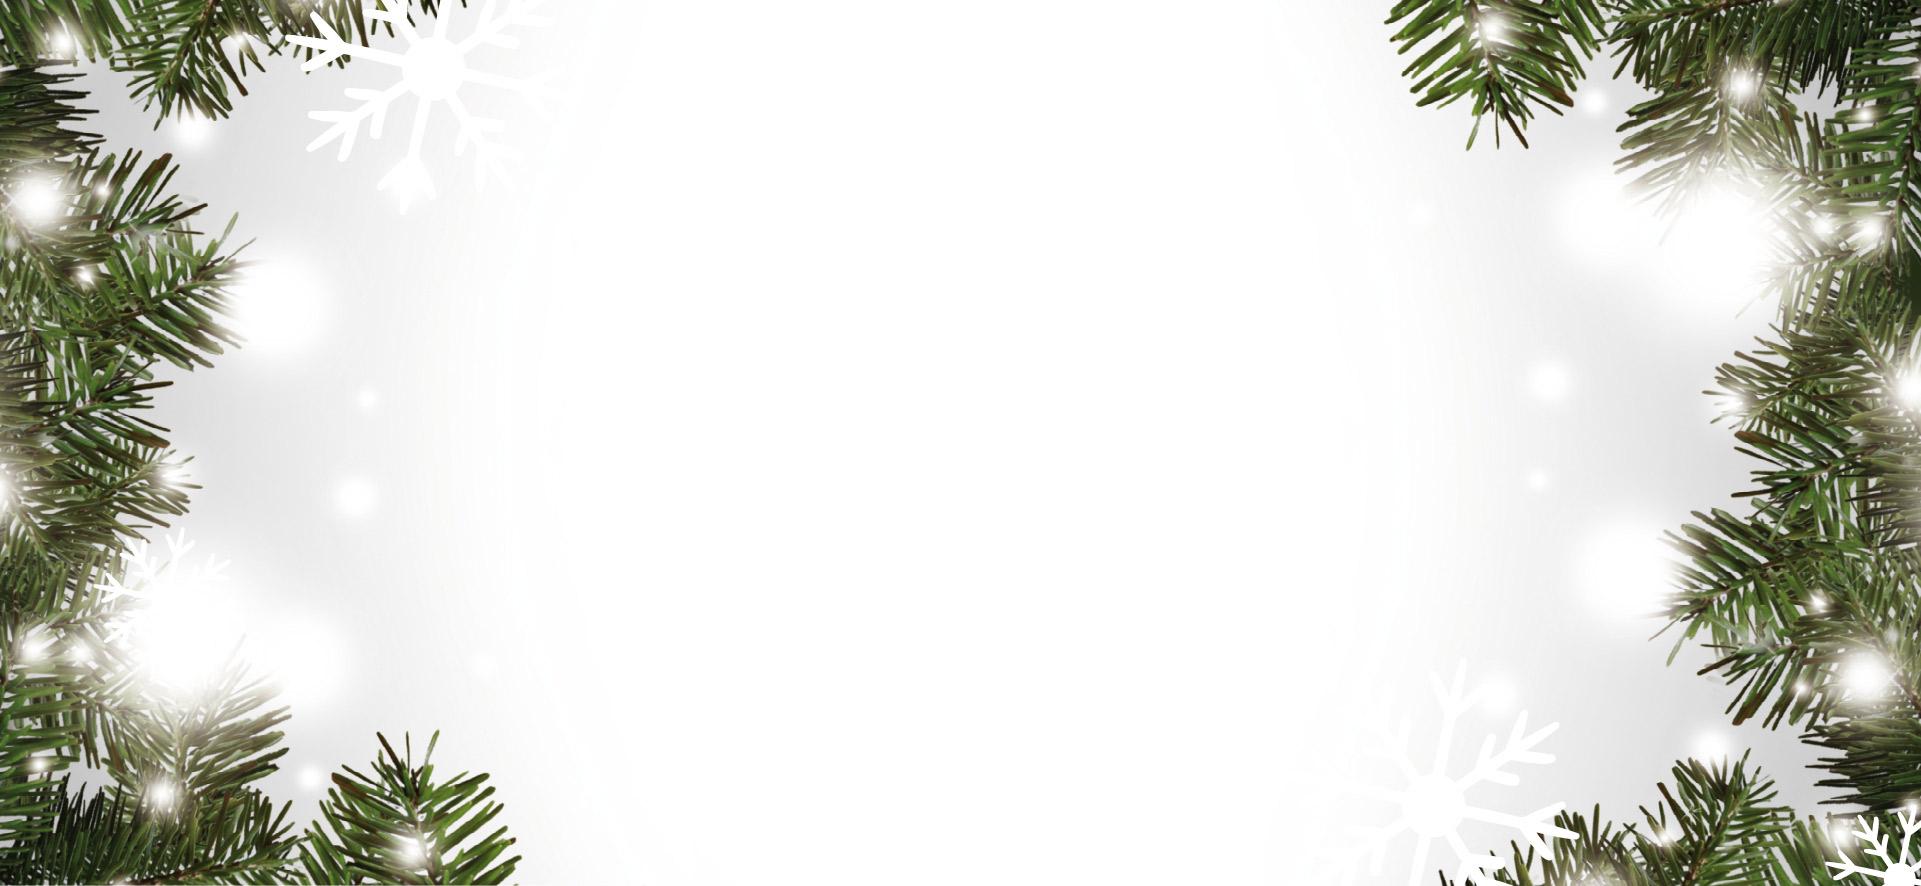 Christbaum online schmücken, Weihnachtsbaum online bestellen, Weihnachtsbaumschmuck